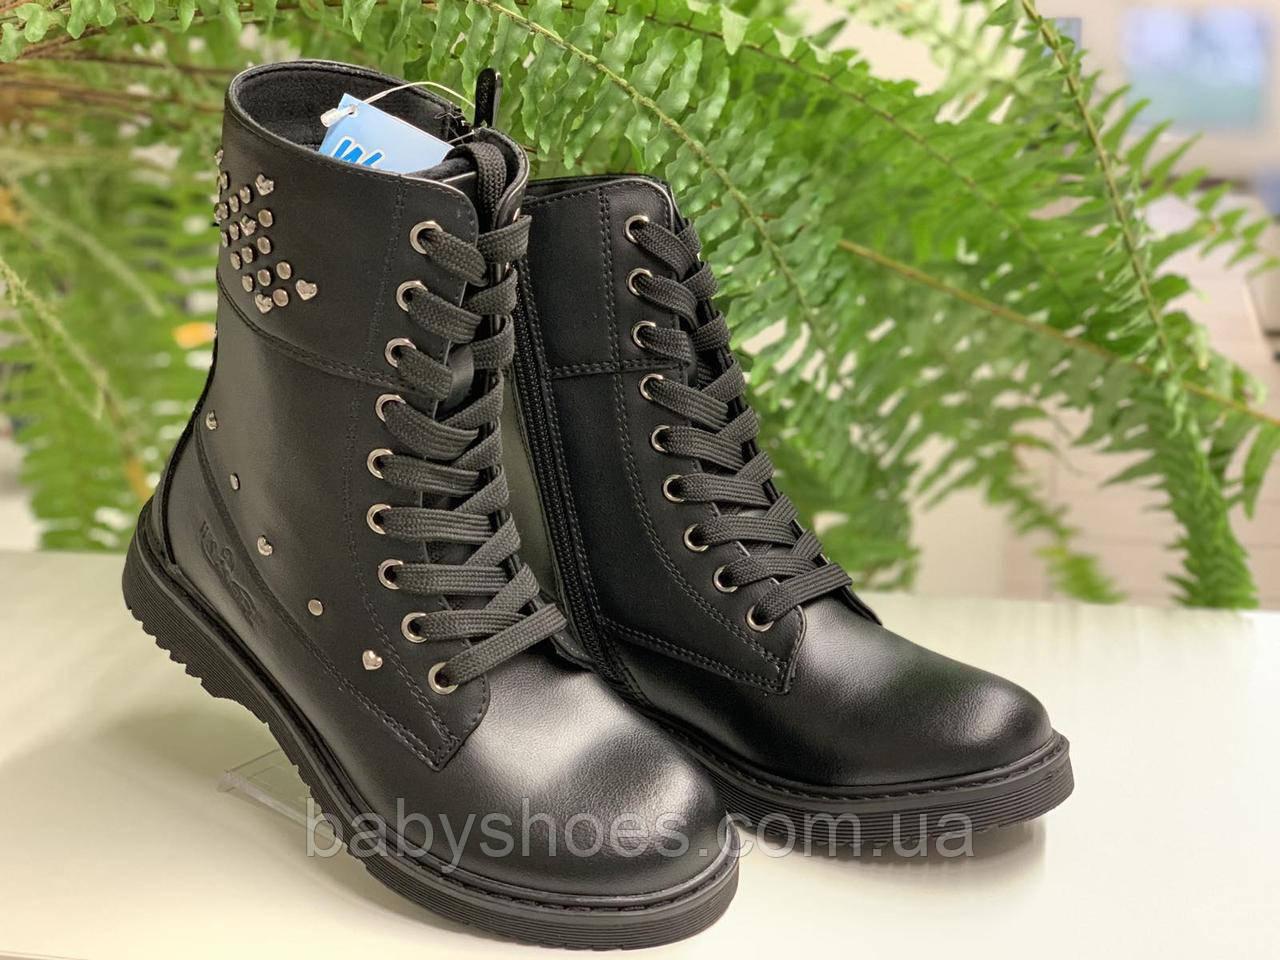 Демисезонные ботинки для девочки WeeStep Полша, р.32-37,  ДД-262